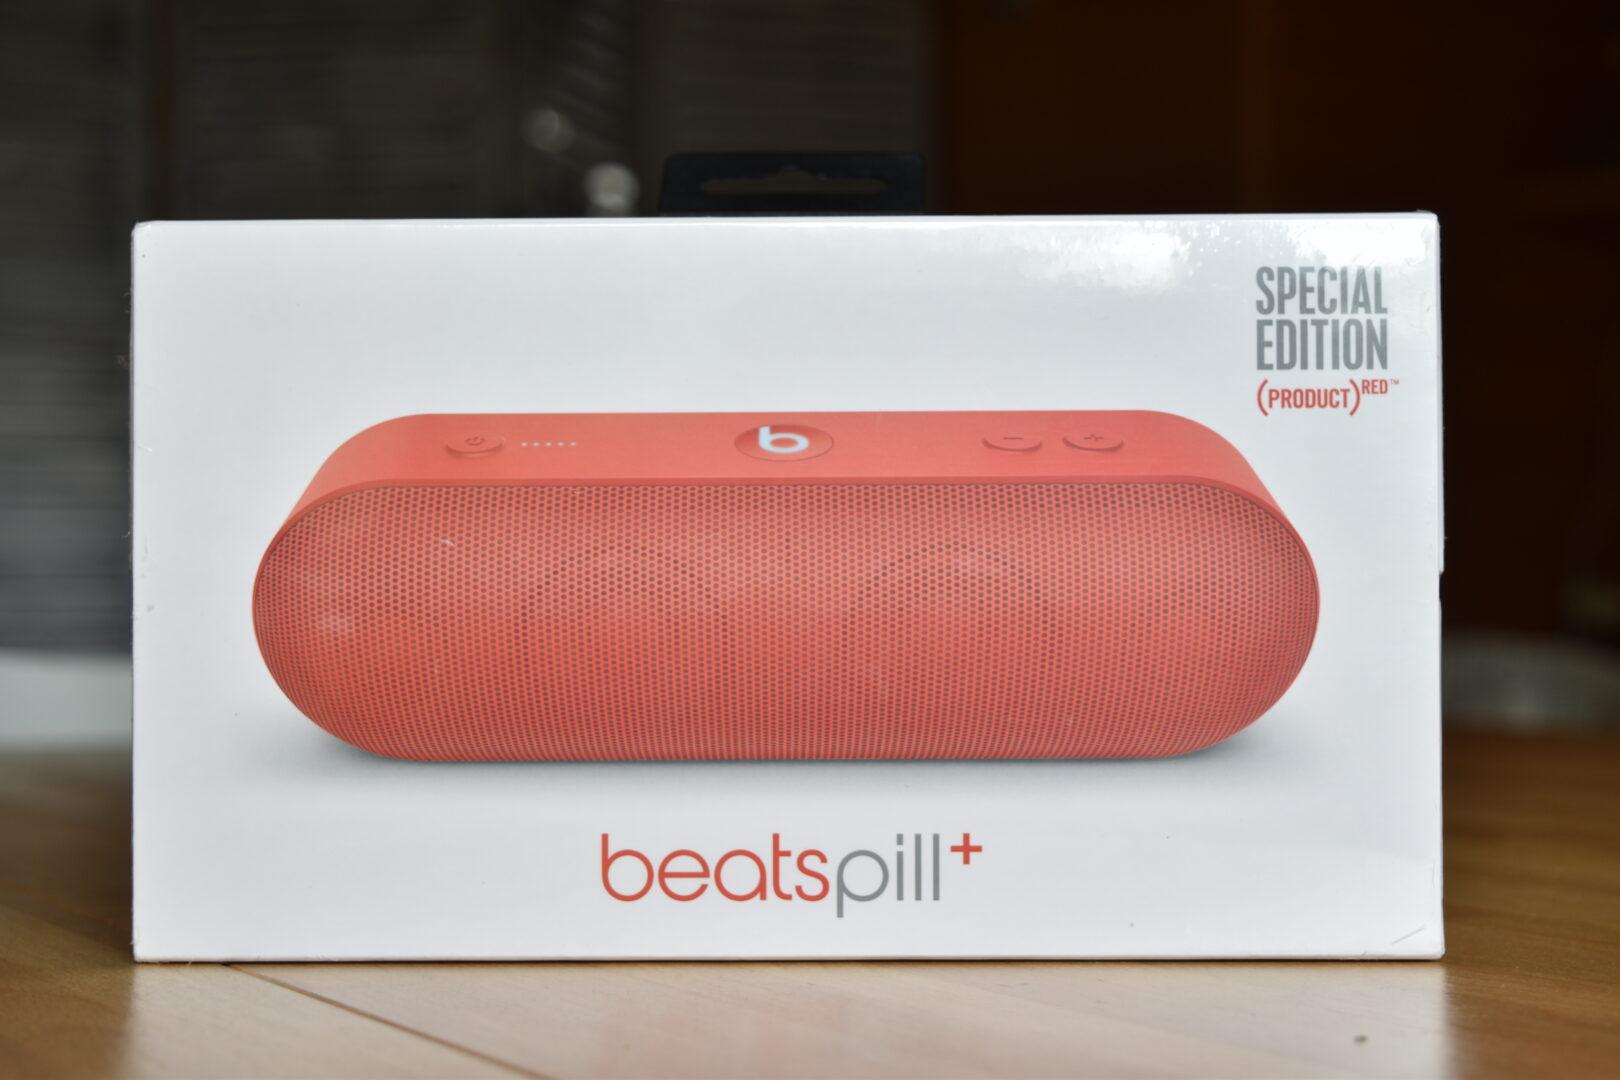 beats pill+